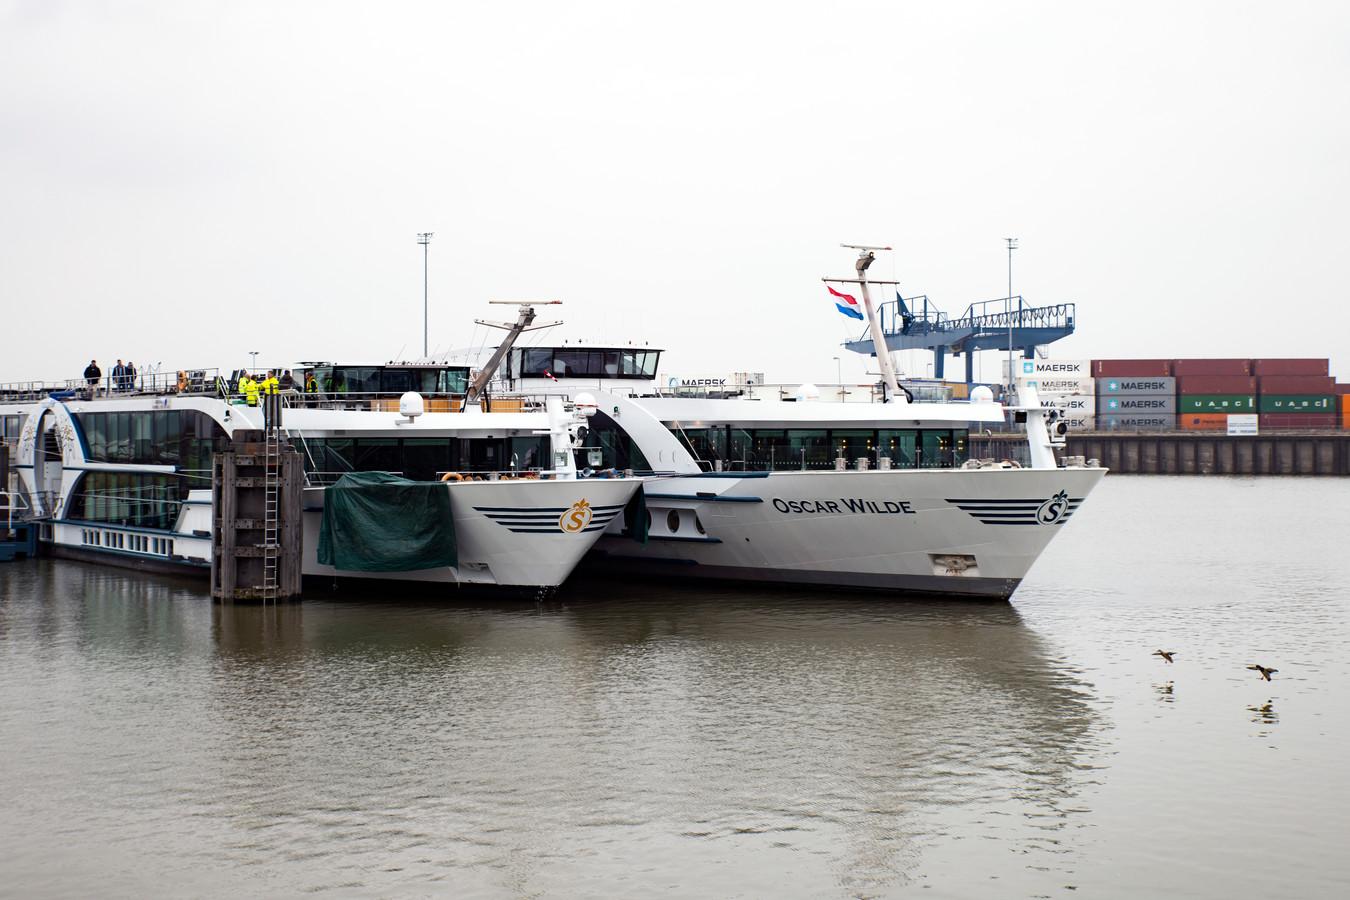 In de haven van Nijmegen wordt woensdagmiddag de vracht van het gehavende schip Edelweiss overgeladen naar de Oscar Wilde. Die vervoert de 160 passagiers verder richting het westen.